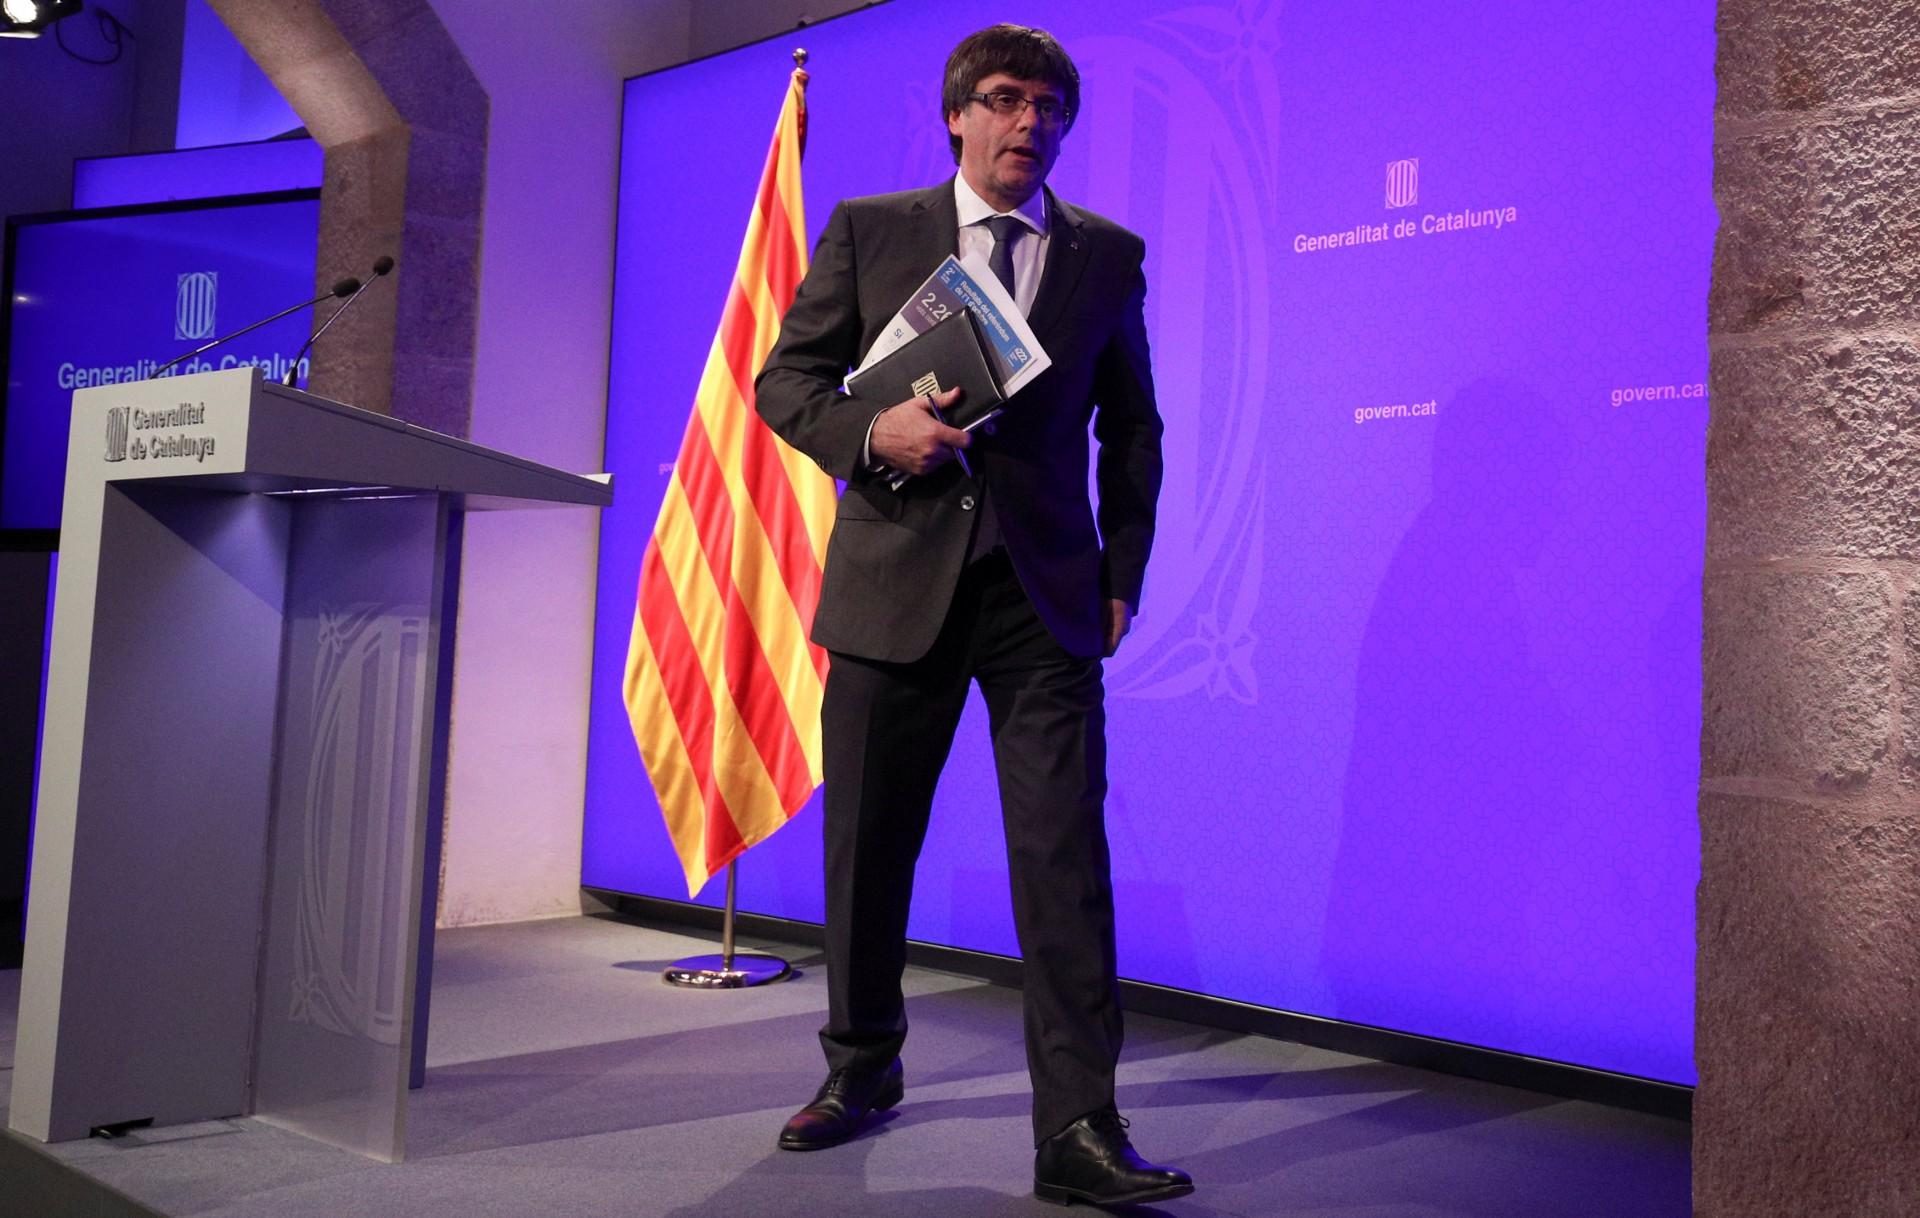 Kaталонија пред економски колапс